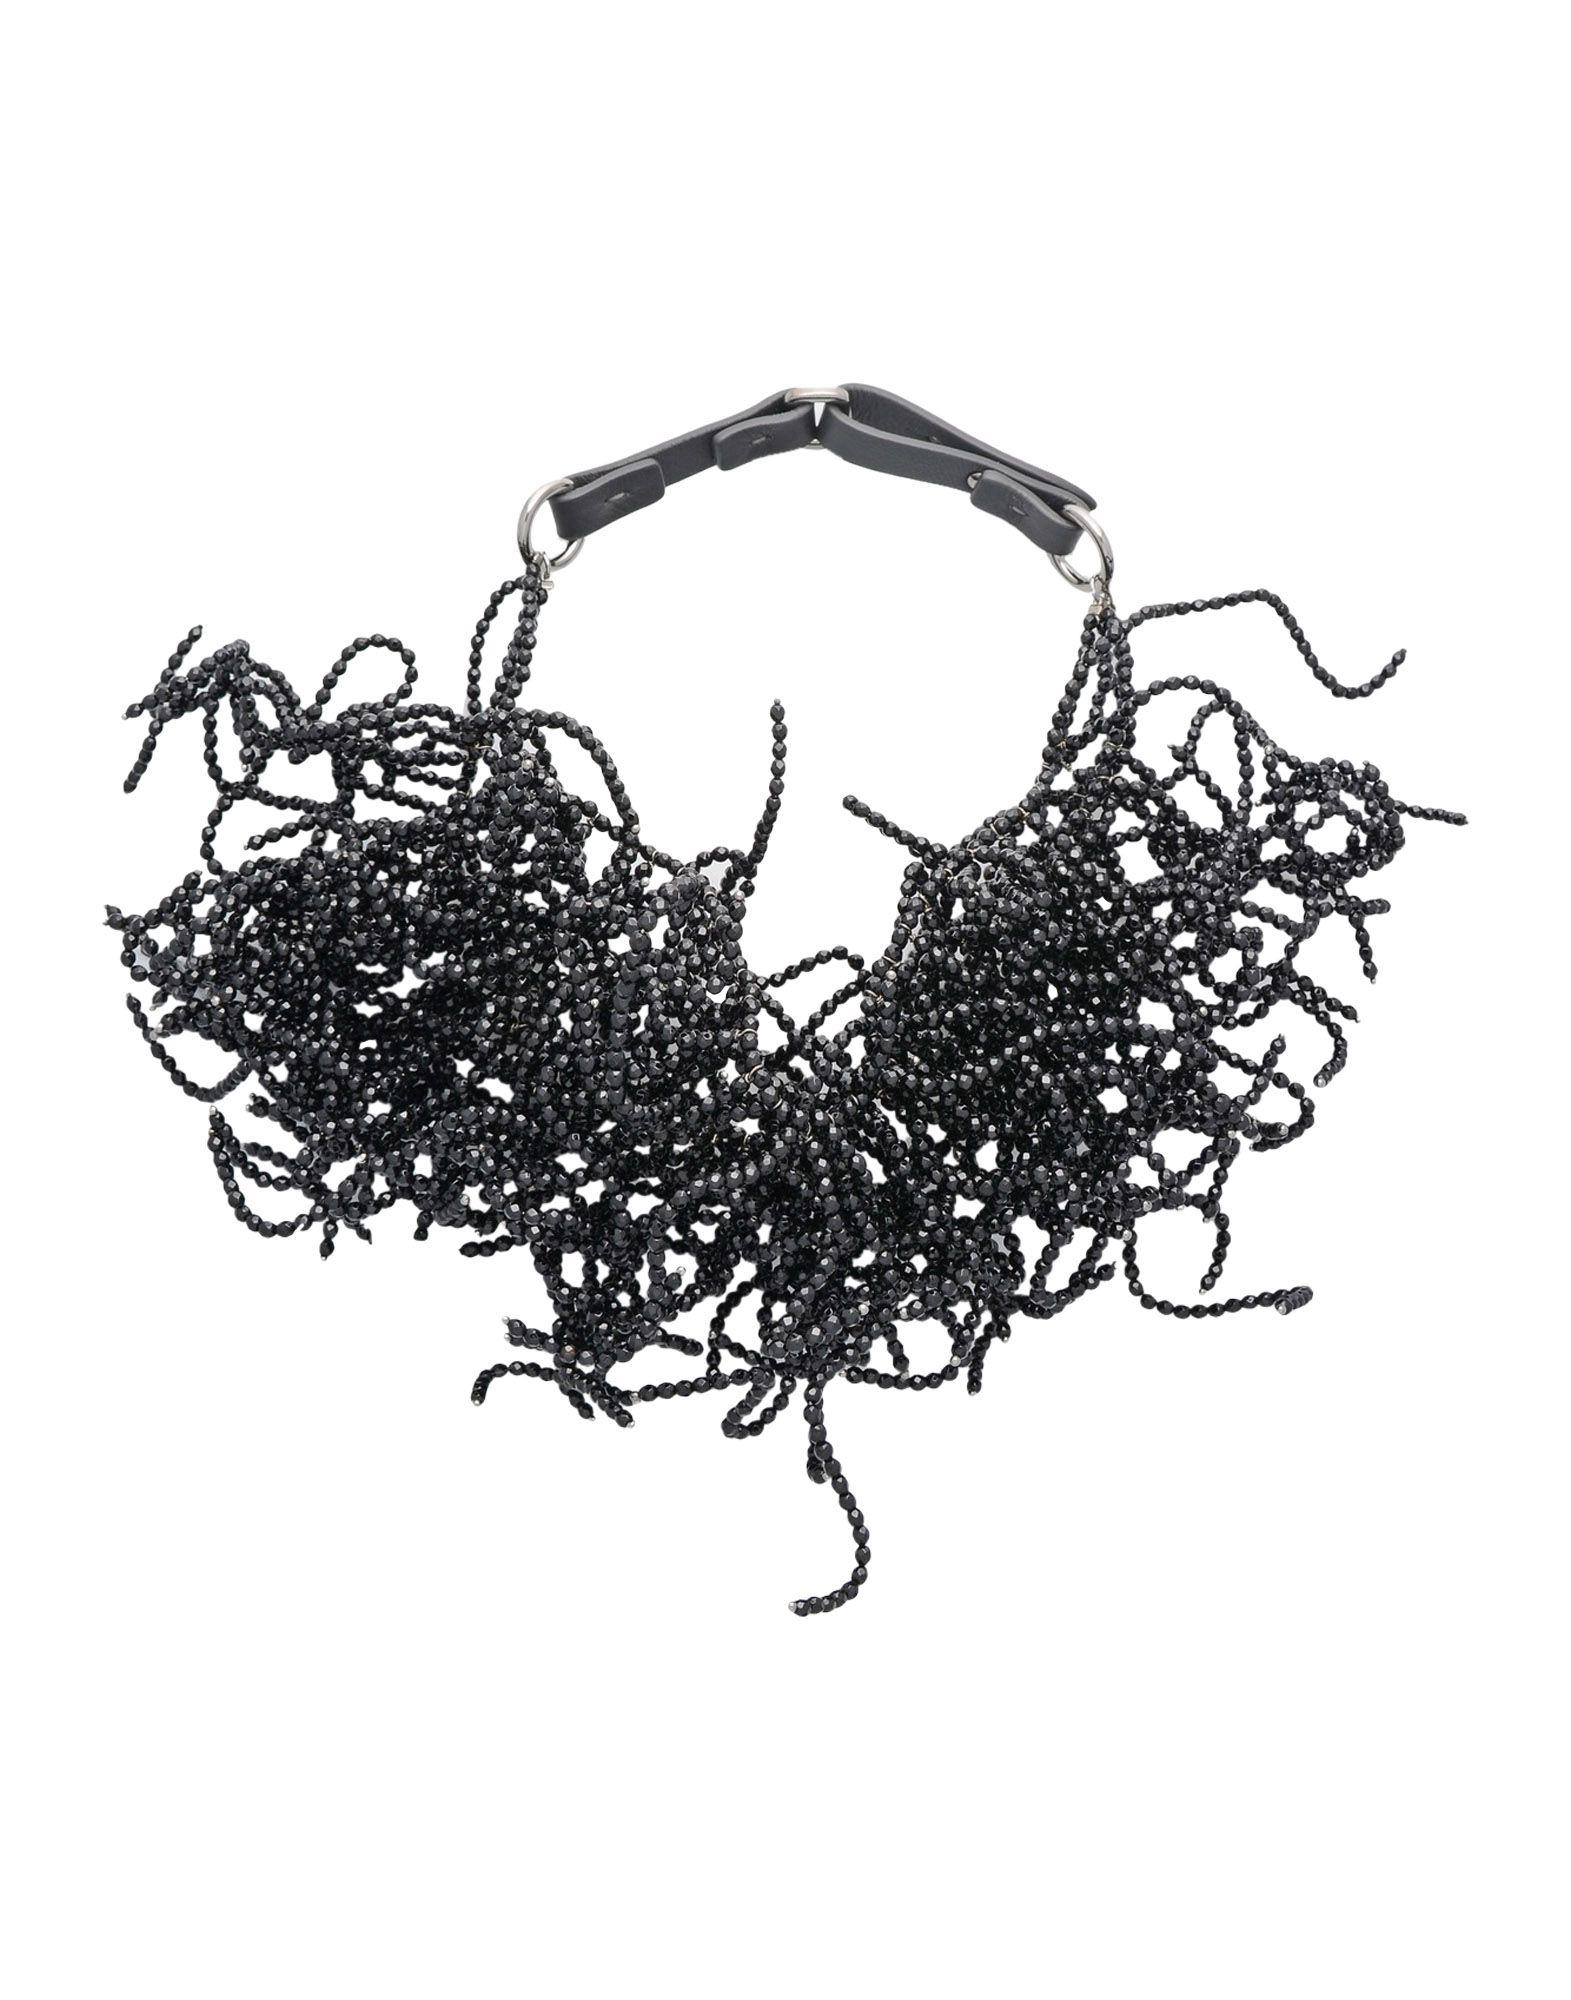 《送料無料》BRUNELLO CUCINELLI レディース ネックレス ブラック めのう / 革 / シルバー925/1000